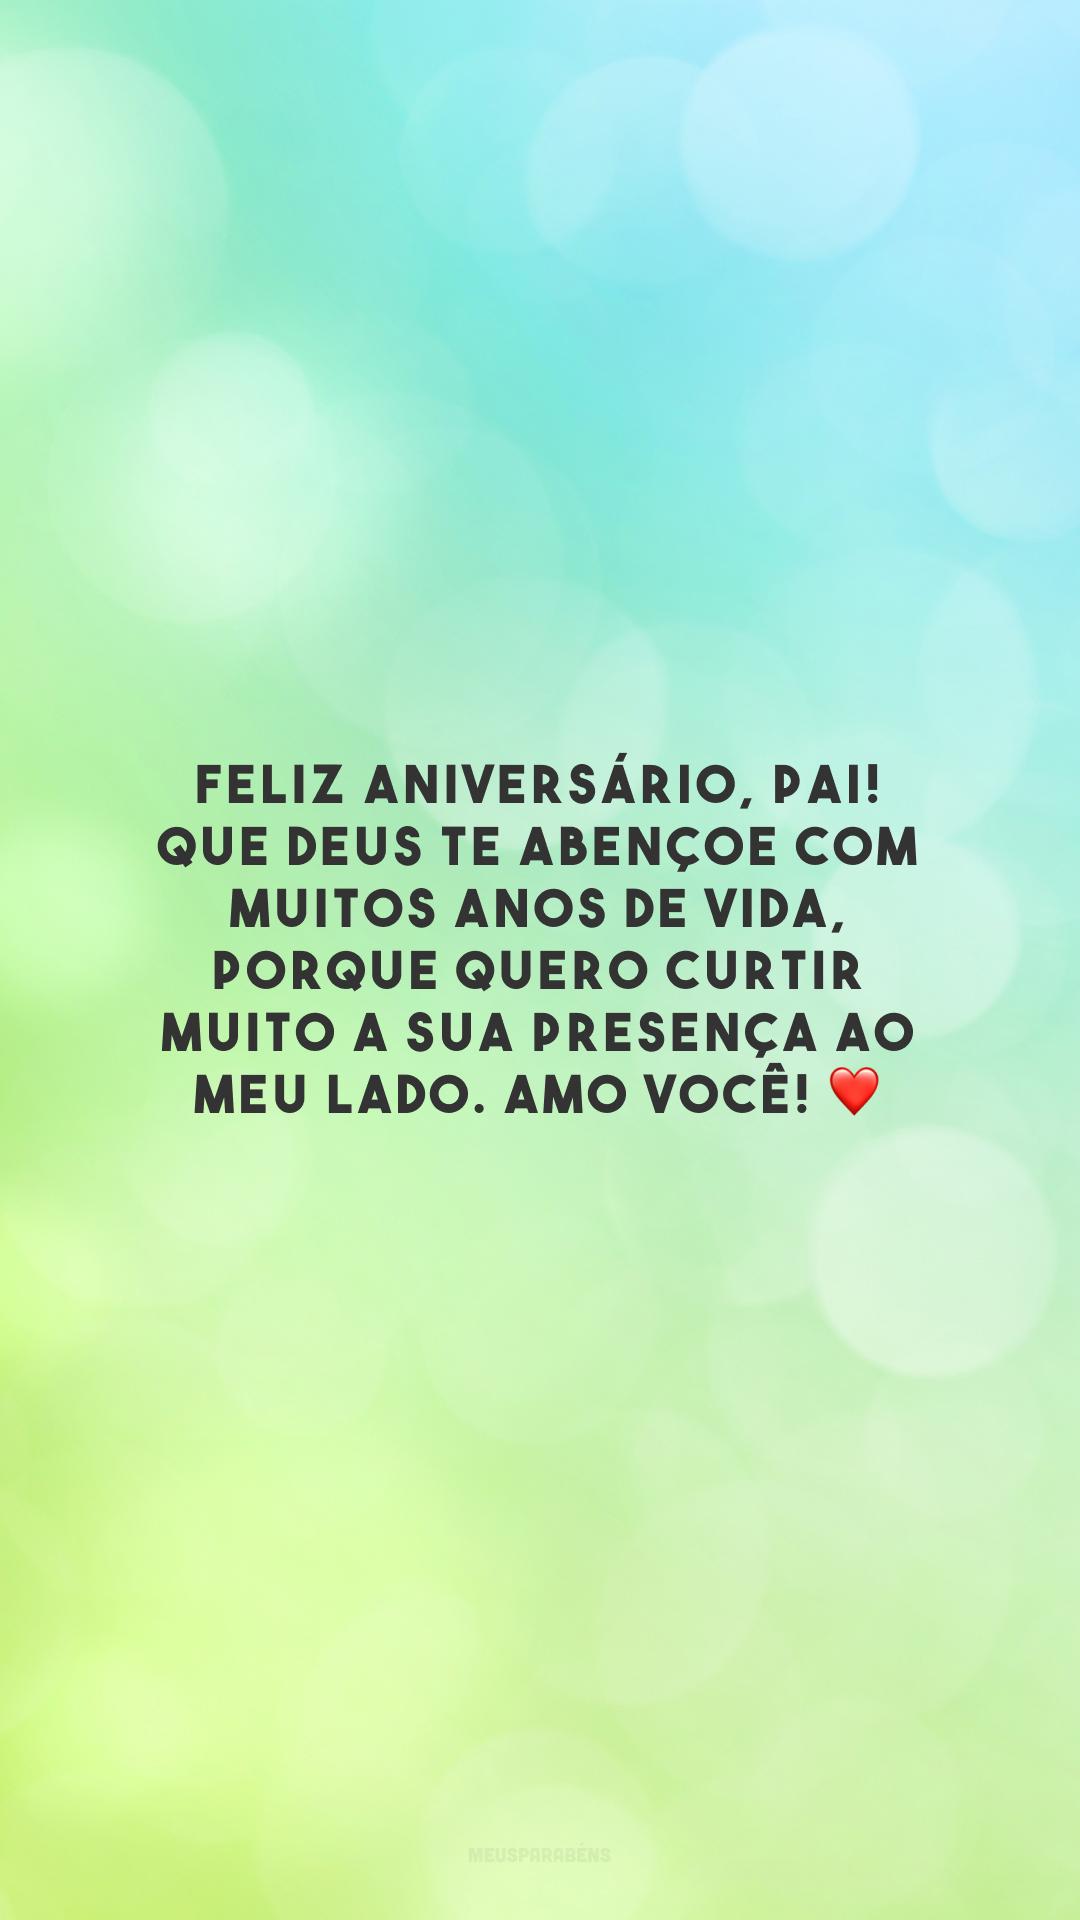 Feliz aniversário, pai! Que Deus te abençoe com muitos anos de vida, porque quero curtir muito a sua presença ao meu lado. Amo você! ❤️